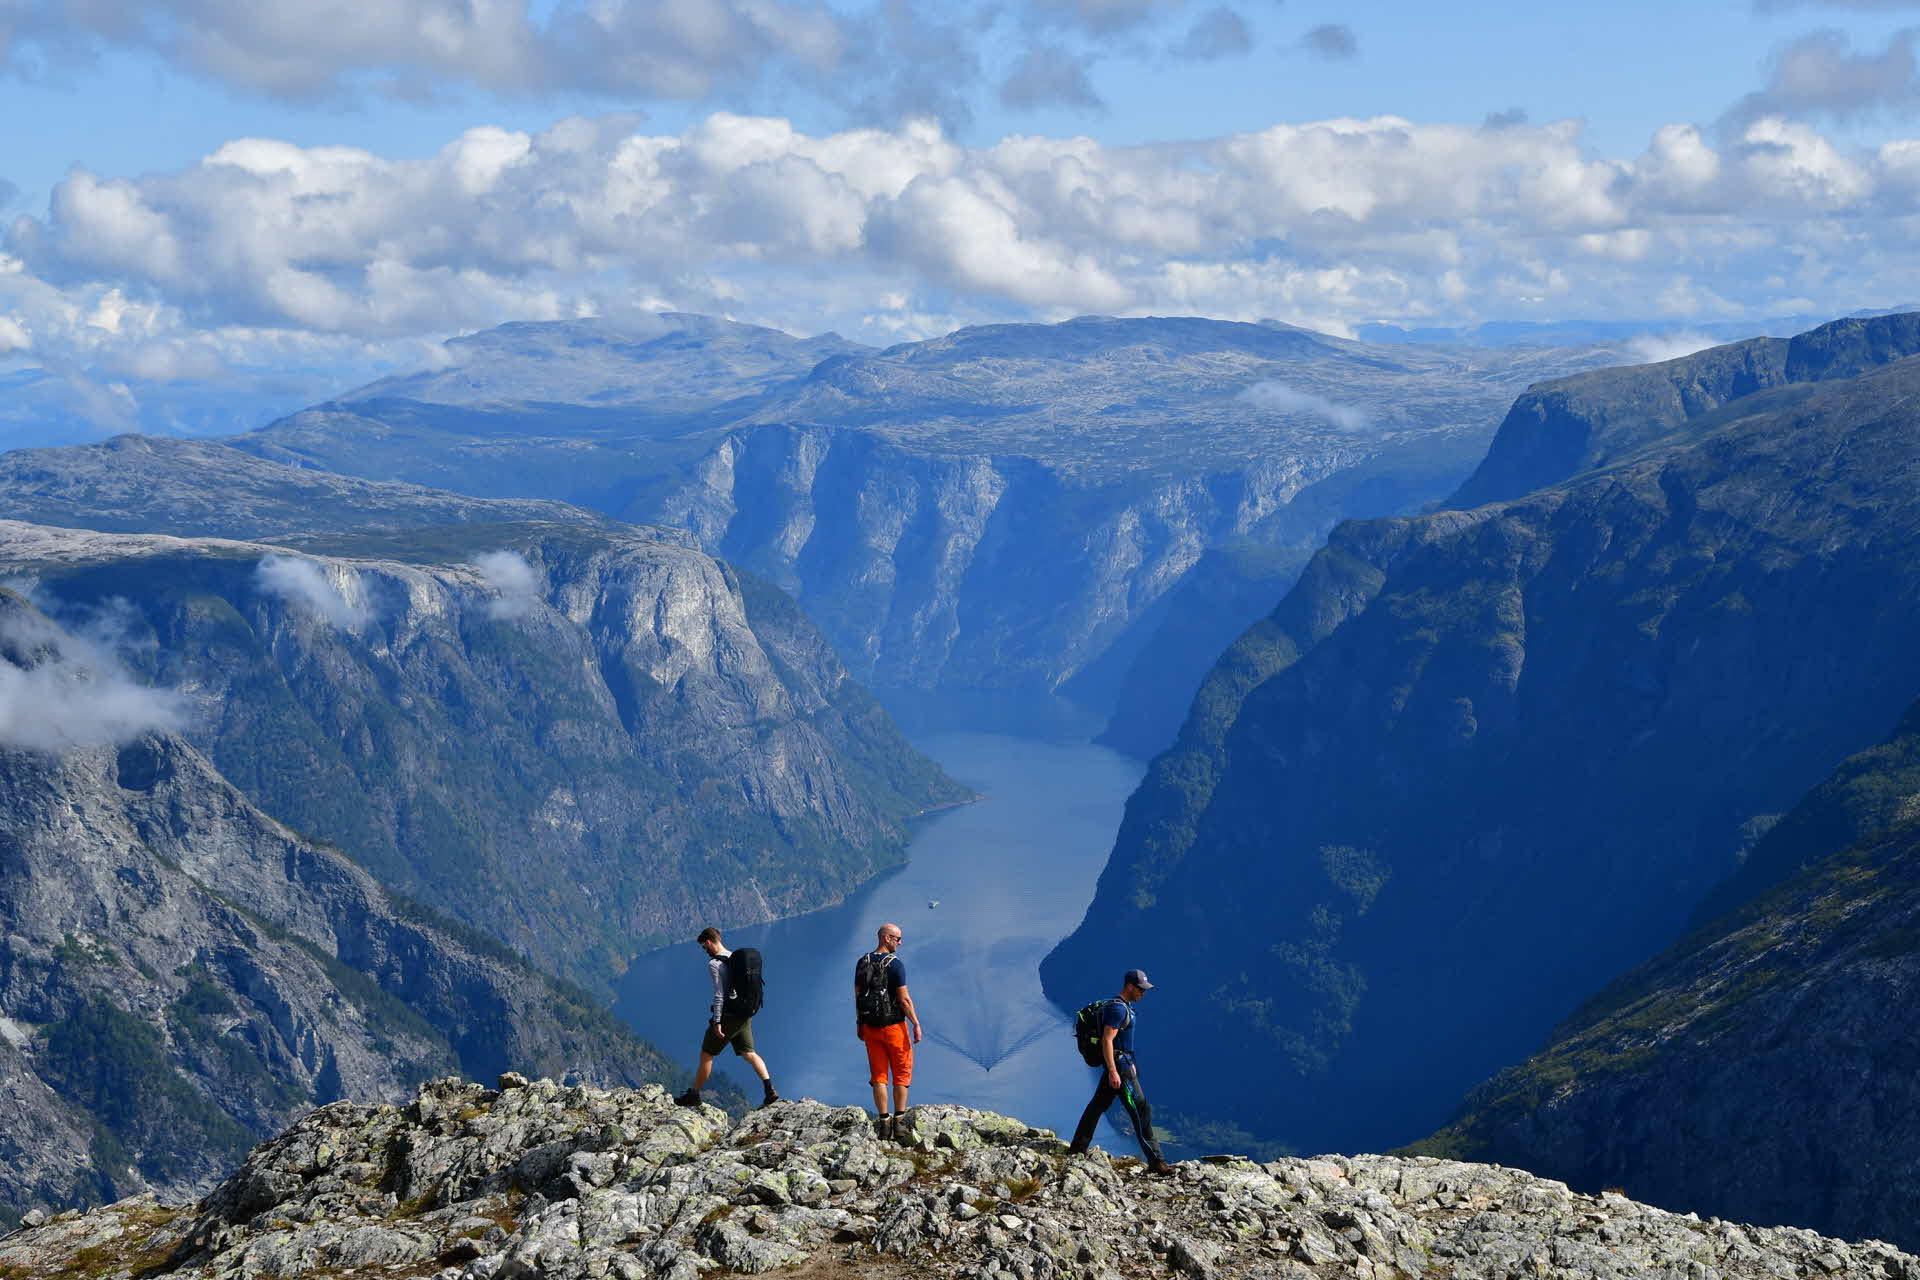 Три человека стоят на краю Бакканоси и смотрят вниз, в сторону Нерёй-фьорда